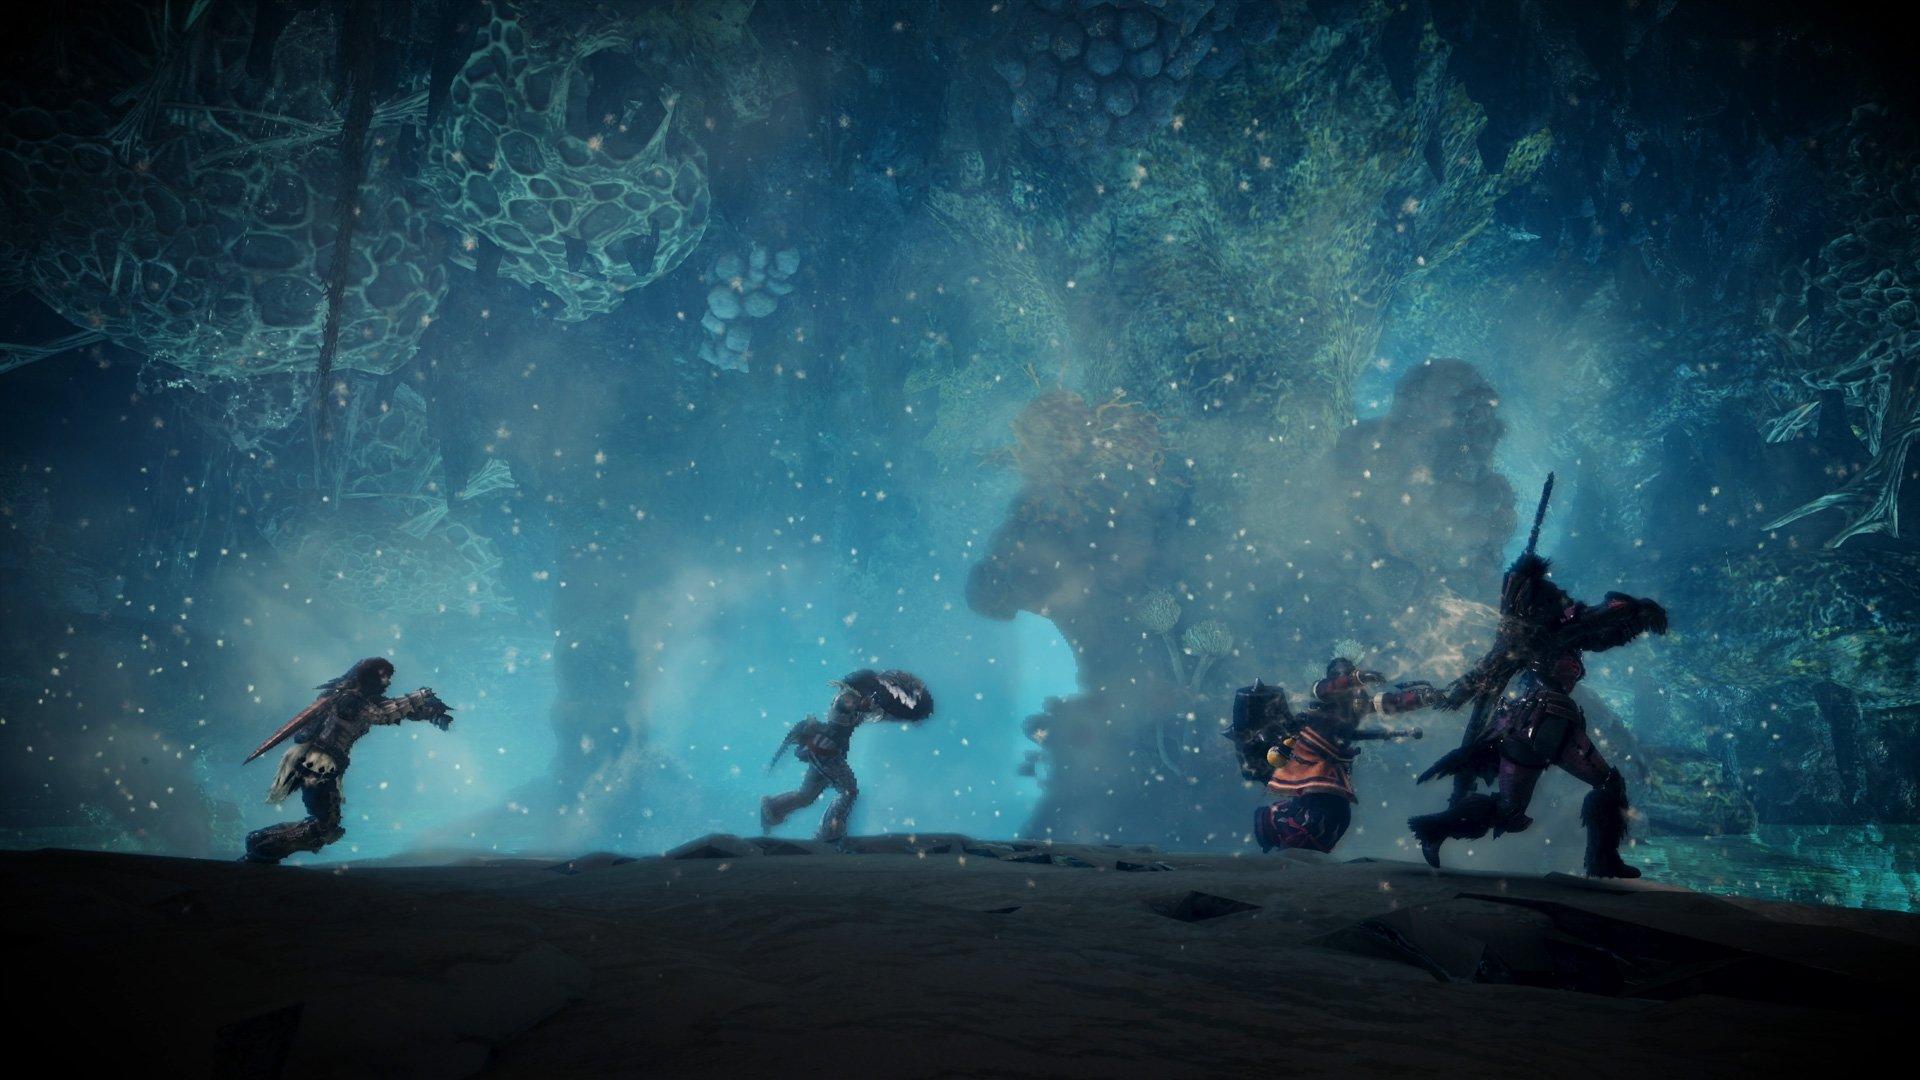 《怪物猎人:世界》联动任务猎人变丧尸不惧怪物攻击